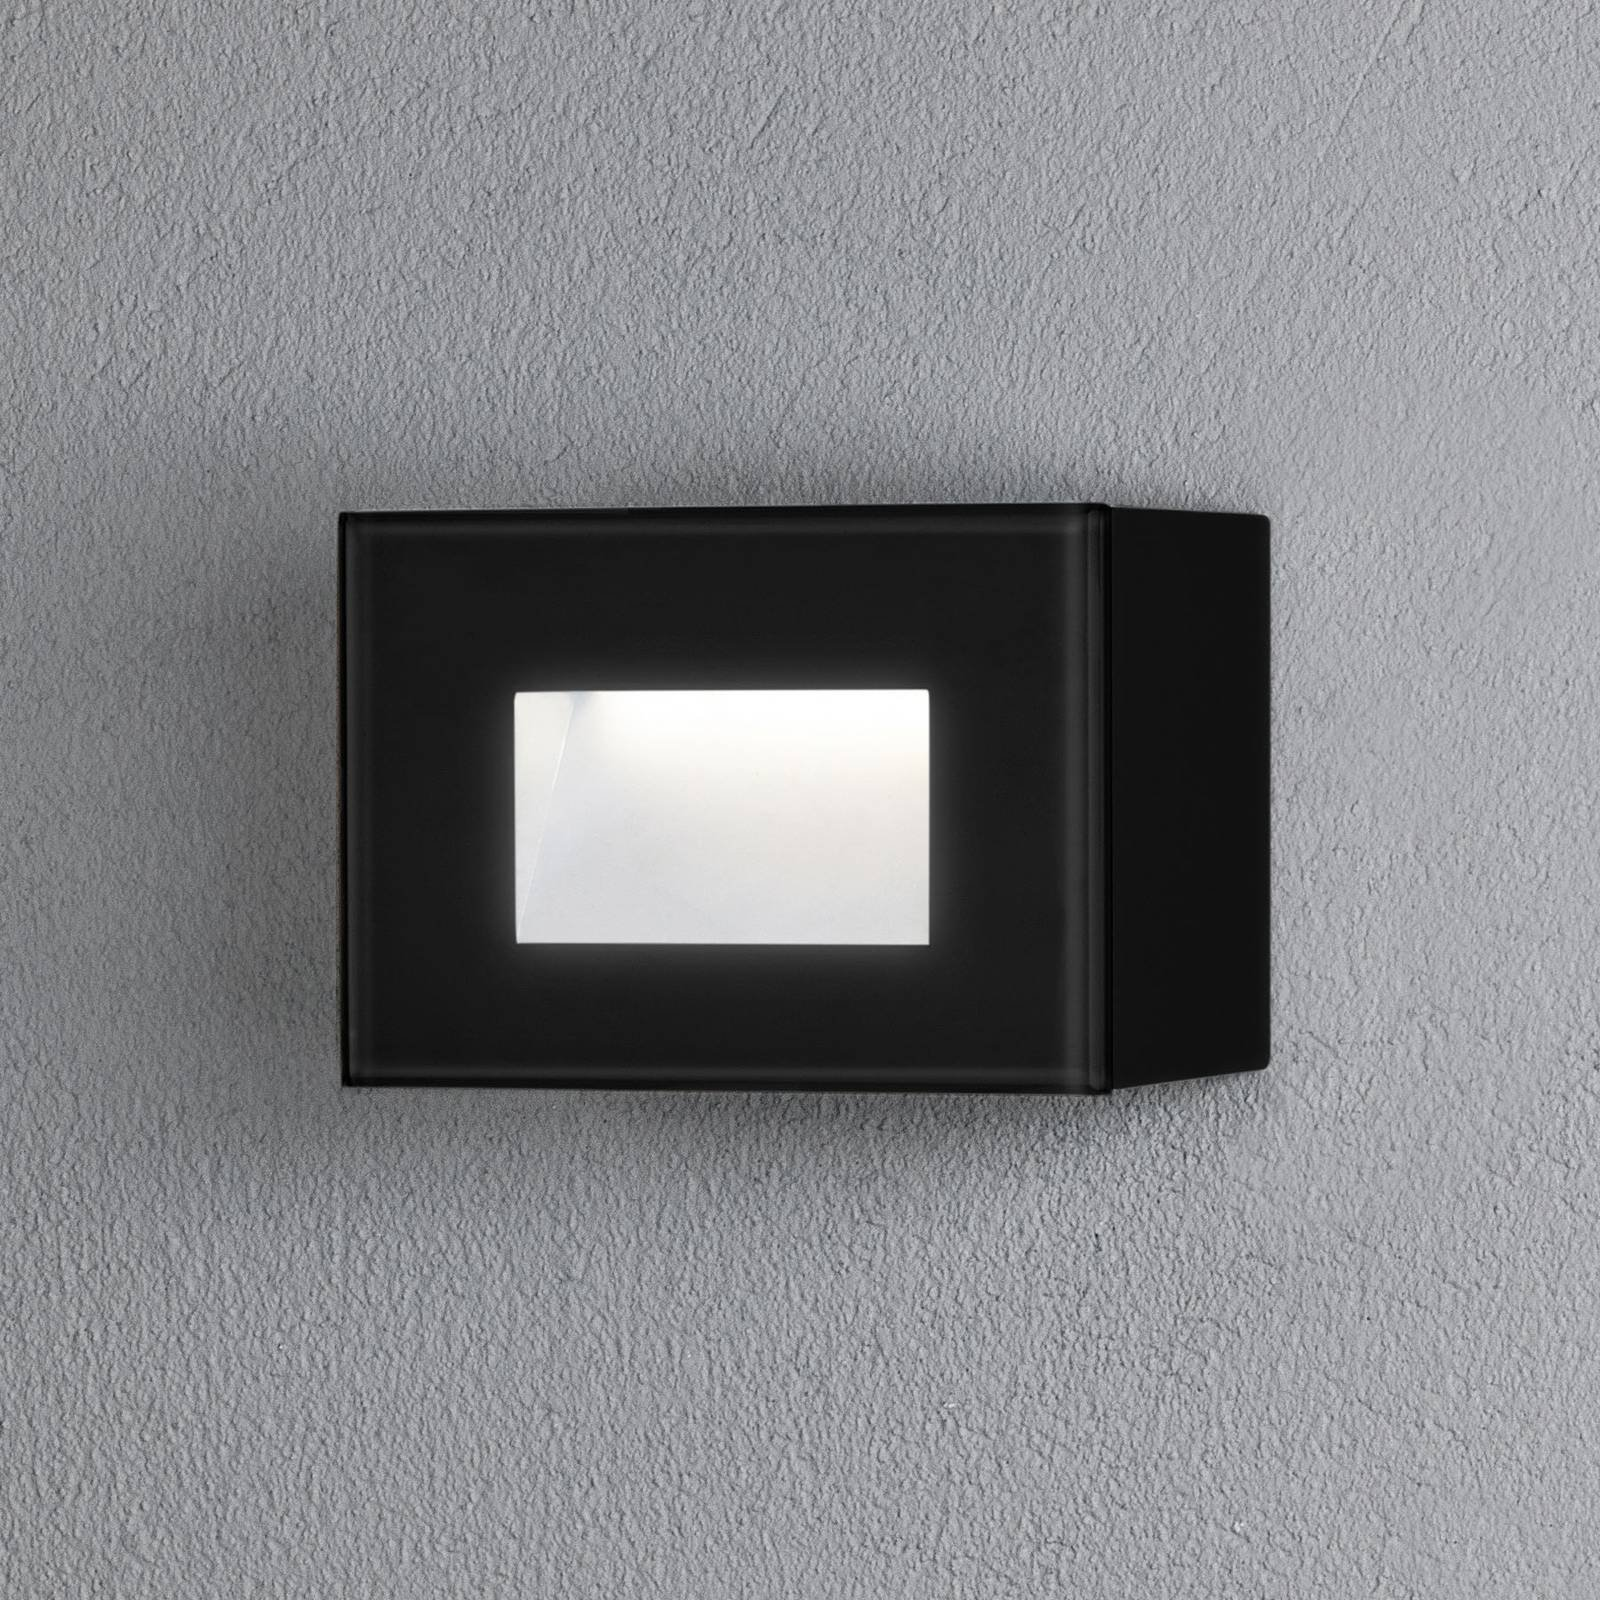 Chieri utendørs LED-vegglampe, 12 x 8 cm, svart